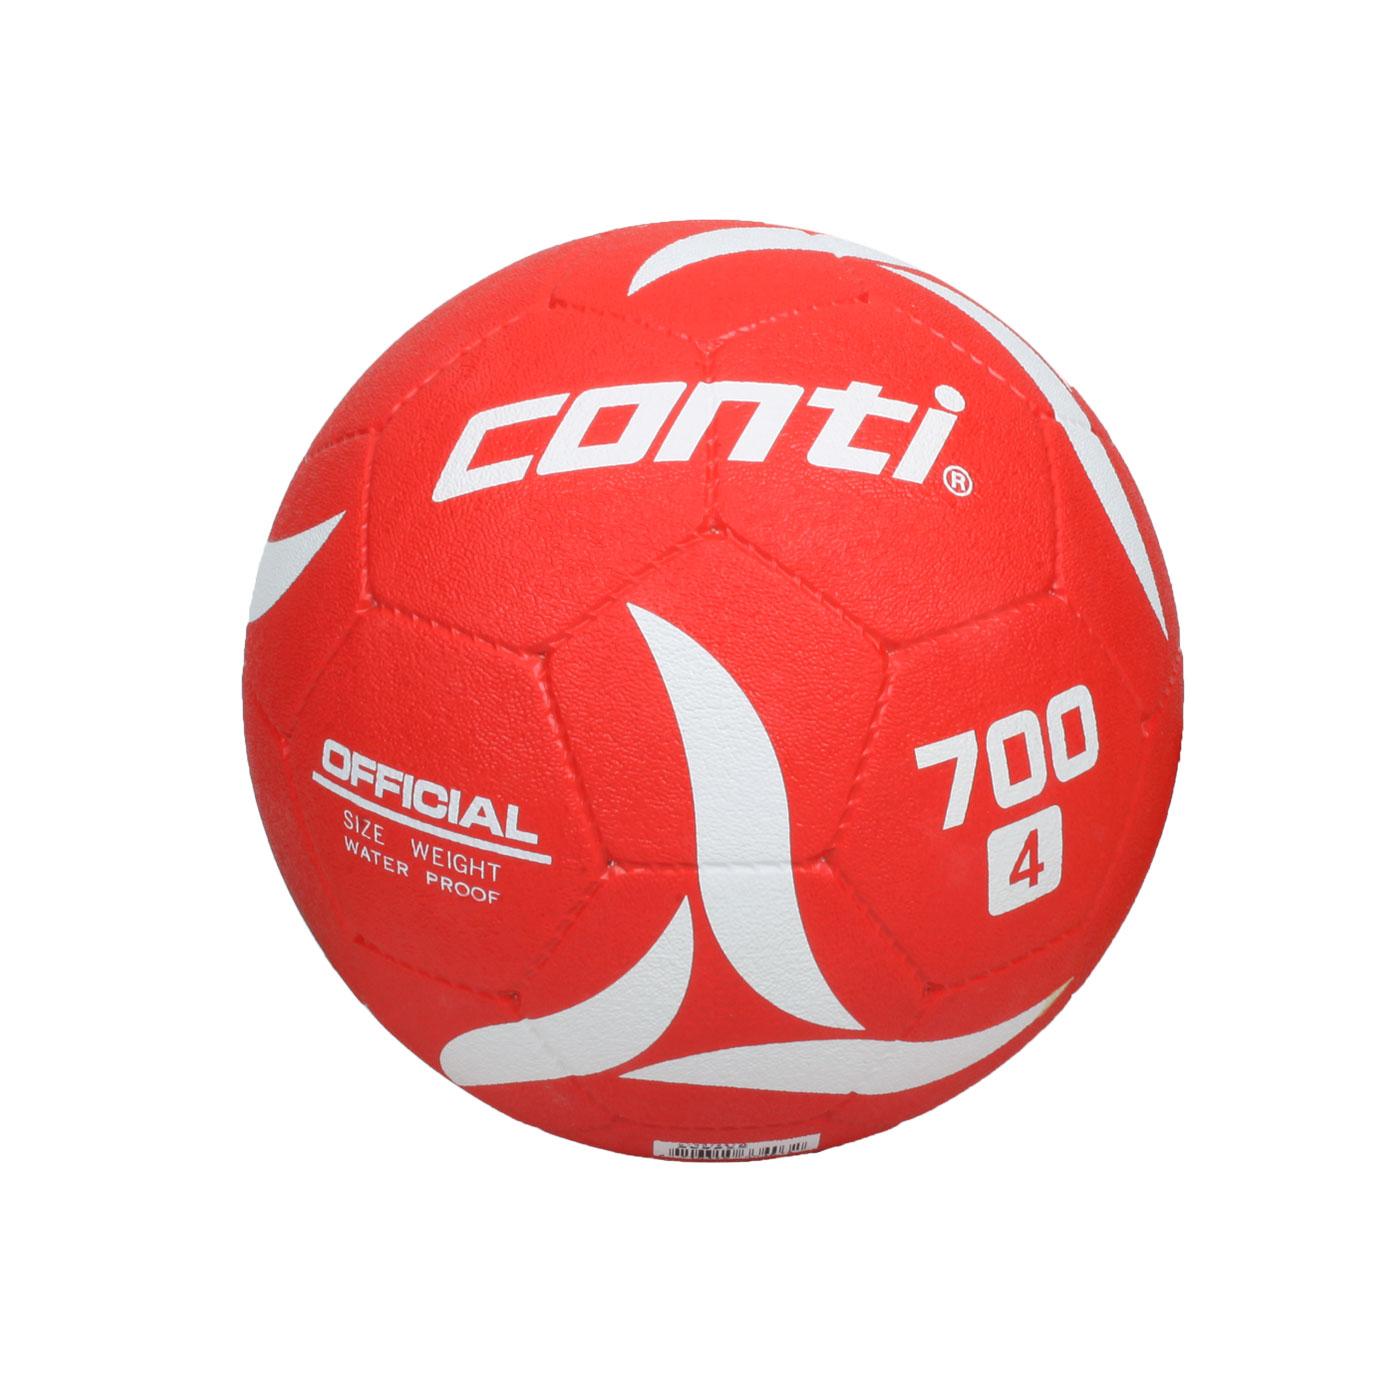 詠冠conti 深溝發泡橡膠足球 CONTIS700-4-R